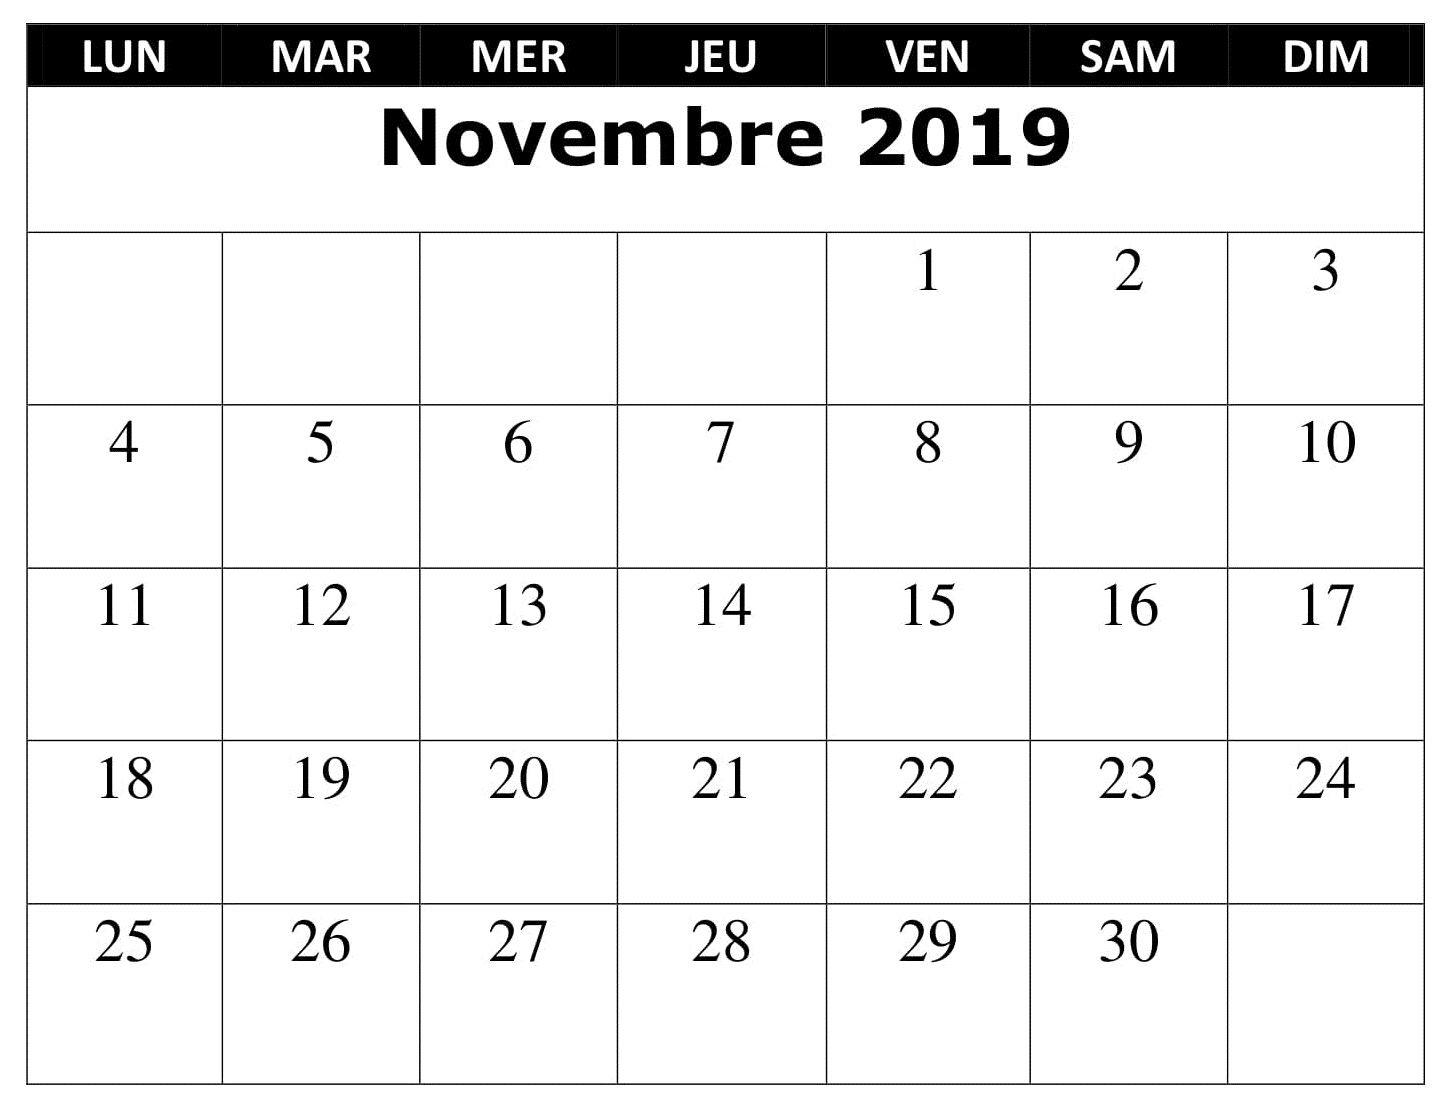 Calendrier Mois De Novembre 2019.Calendrier 2019 Mois Novembre Words Periodic Table